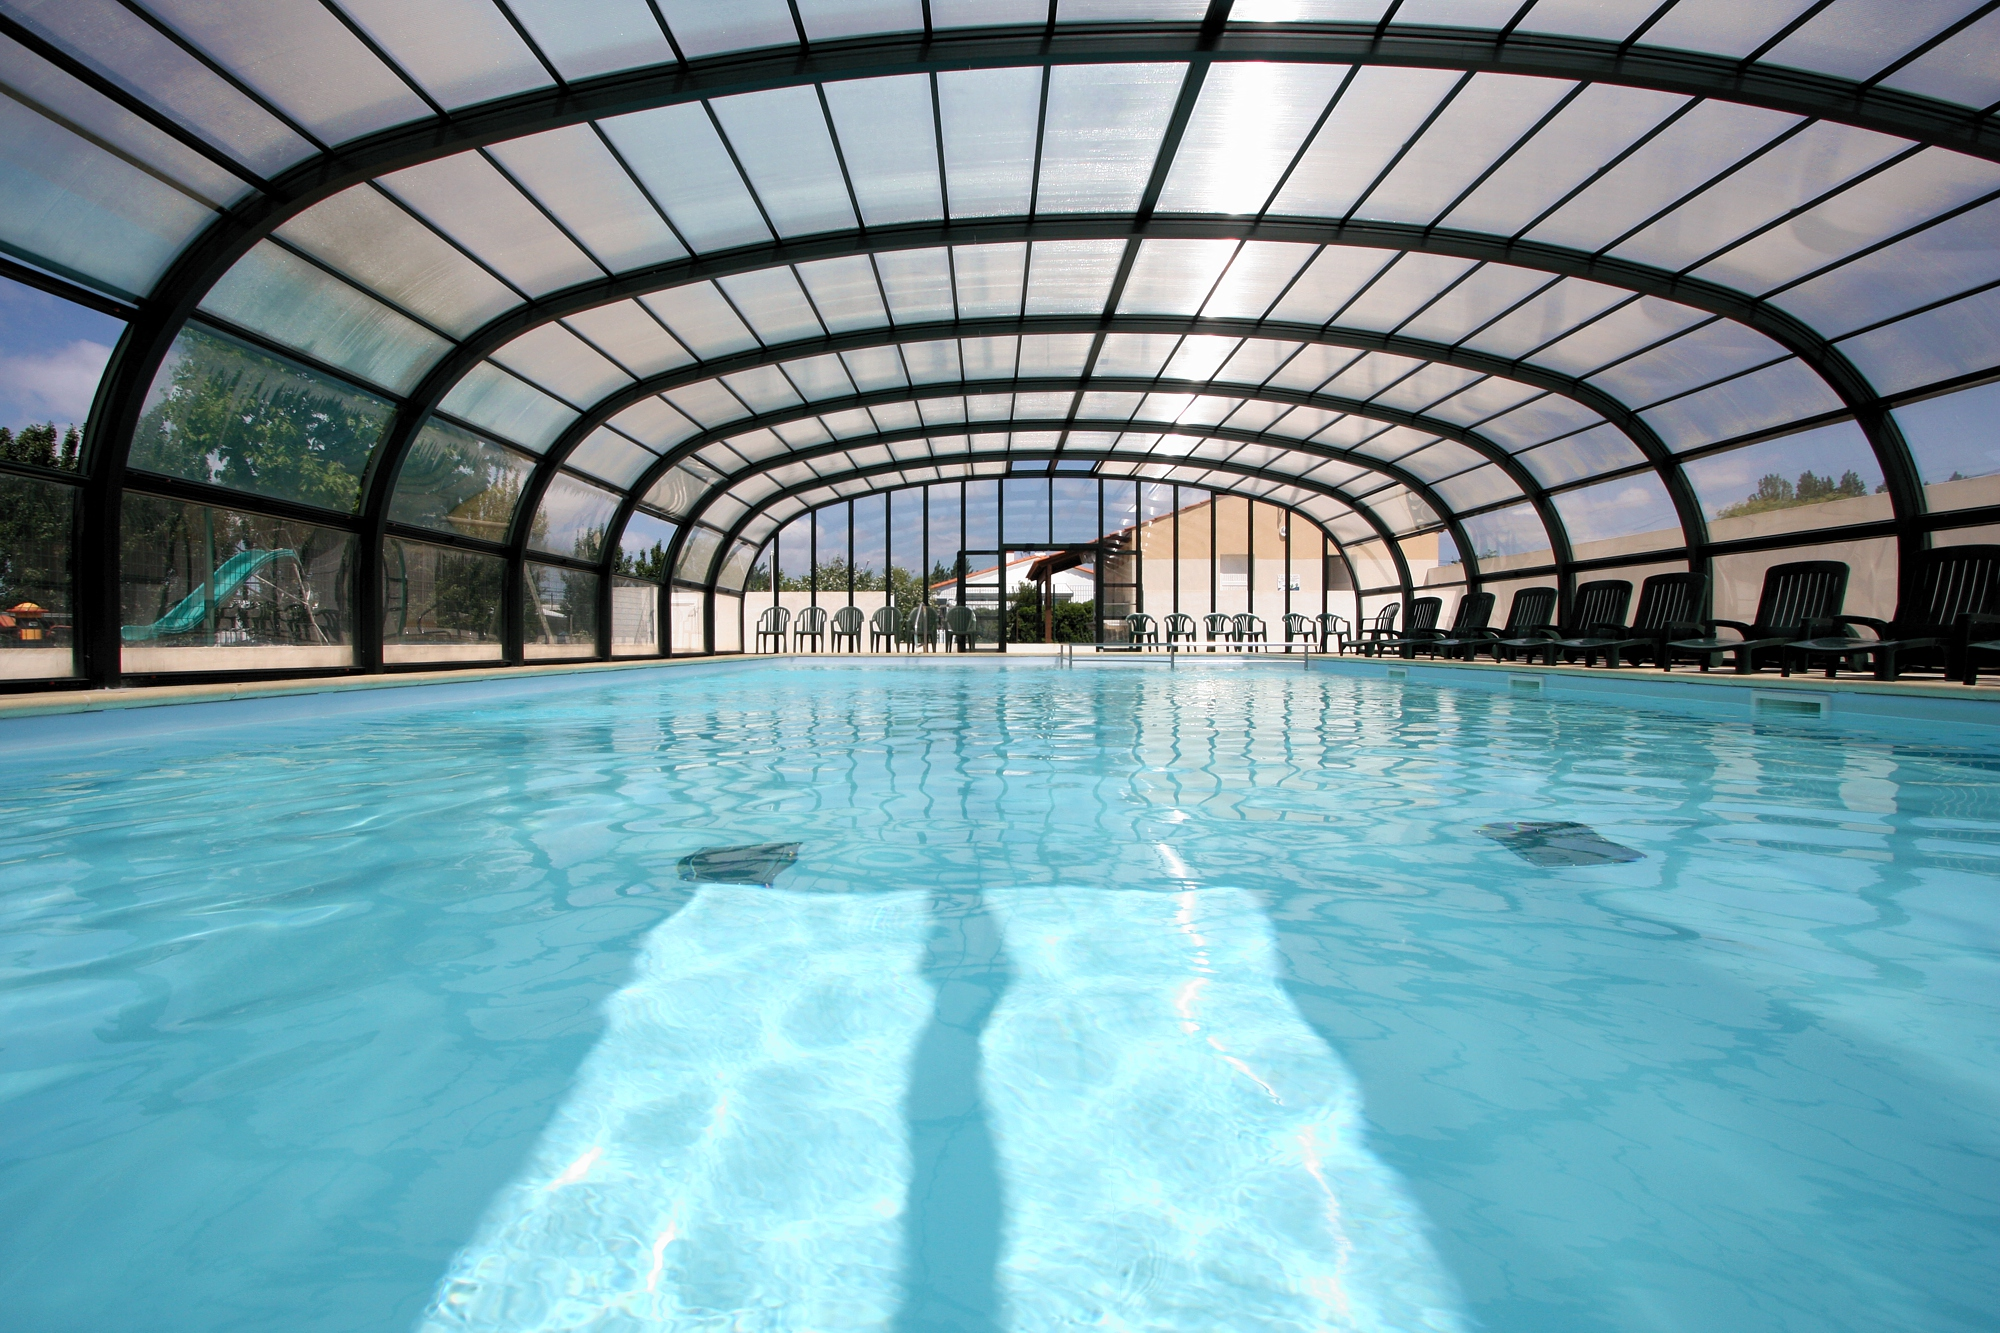 camping piscine couverte chauffée saint gilles croix de vie